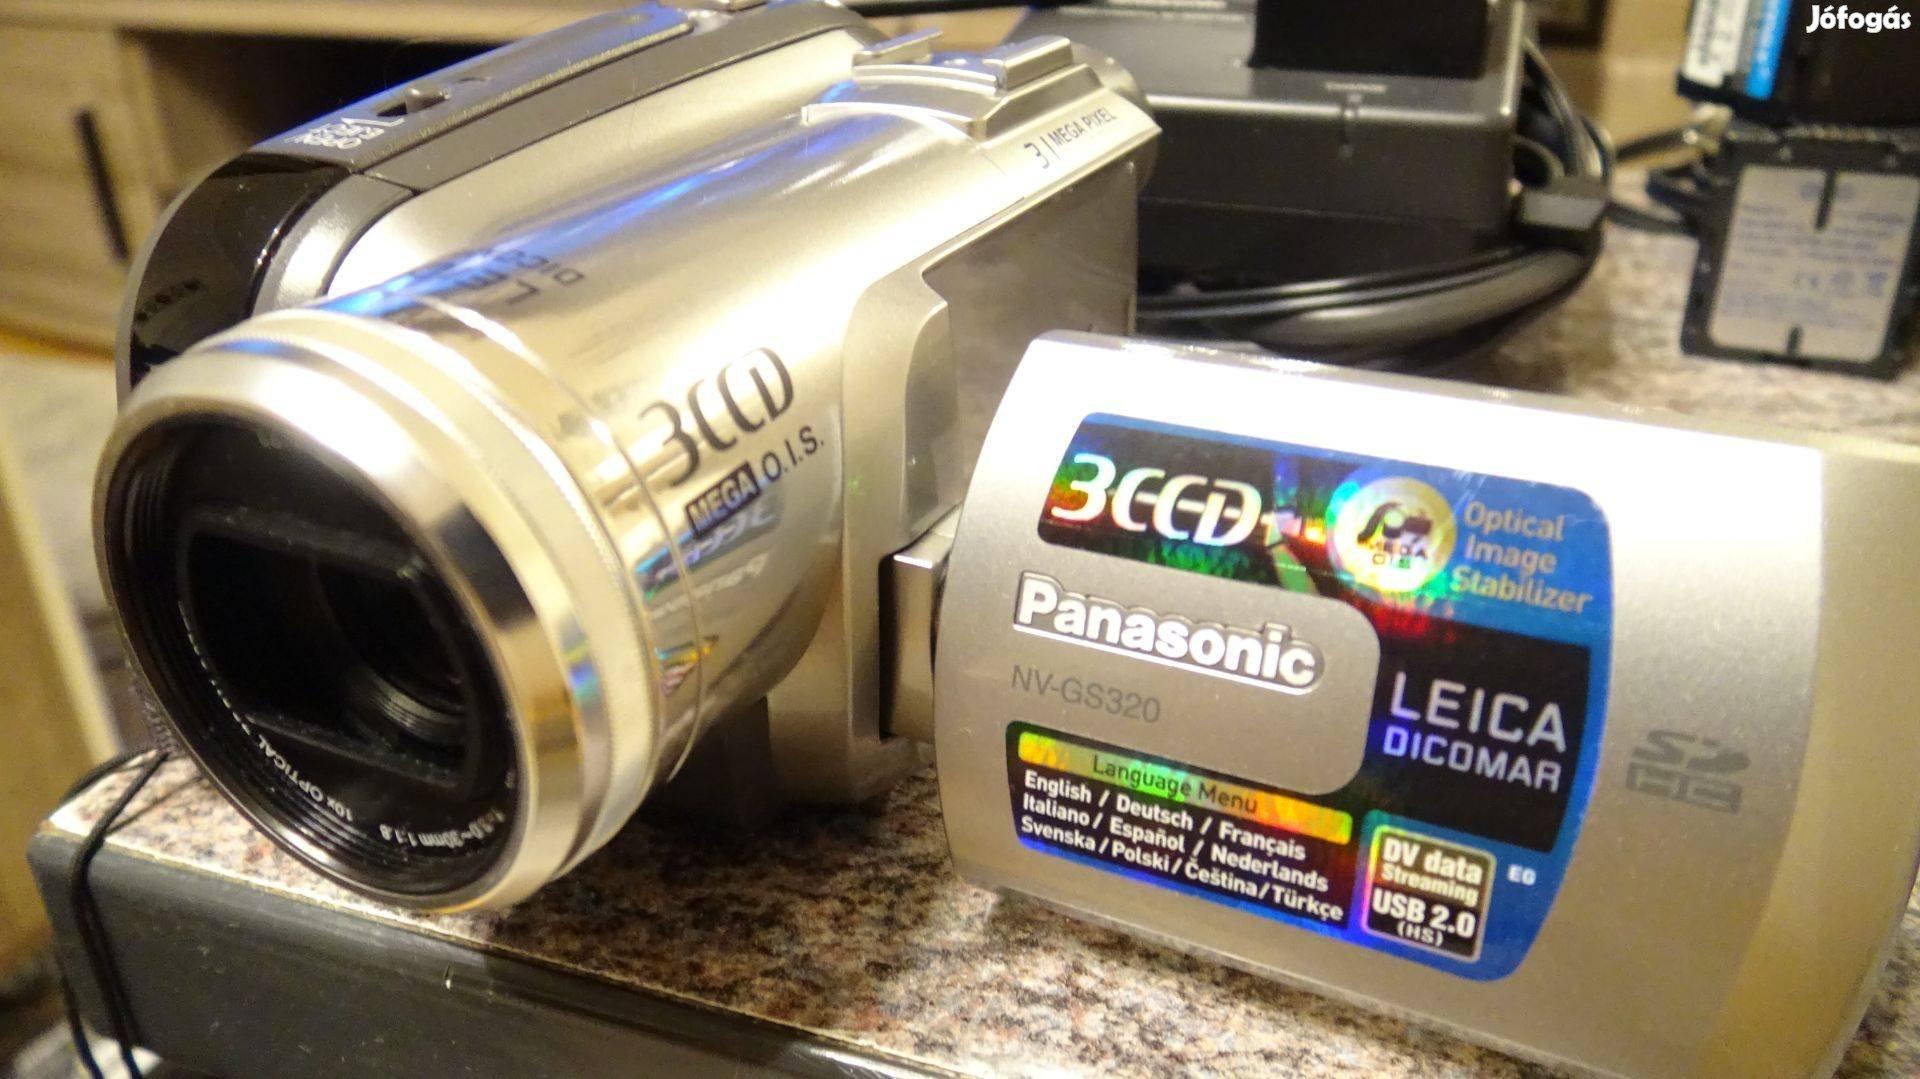 Video8, HI8, Digital8, Minidv kamerák kifogástalan állapotban eladó!